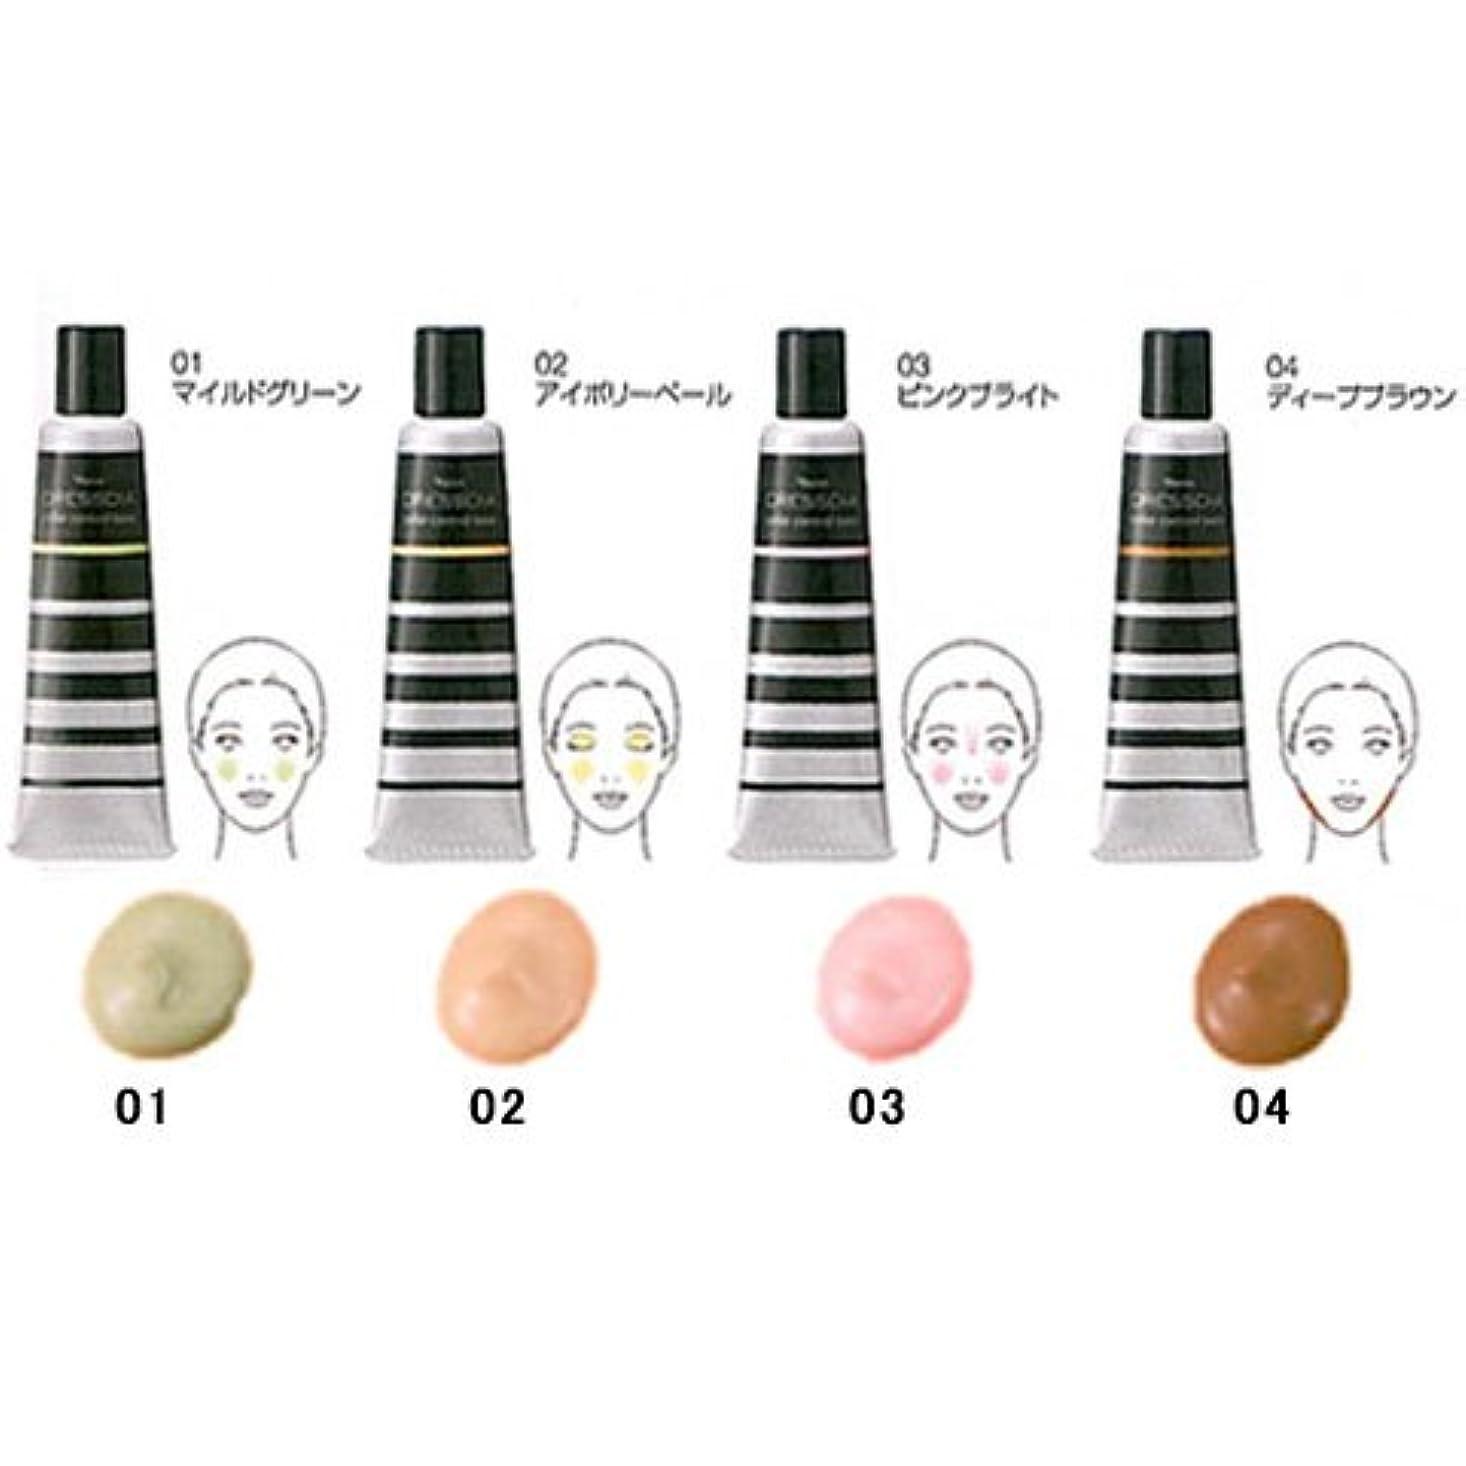 持続するアレルギー性ハンマーナリス化粧品 ドレスディア カラーコントロールベース部分用 化粧下地 20g 04 ディープブラウン